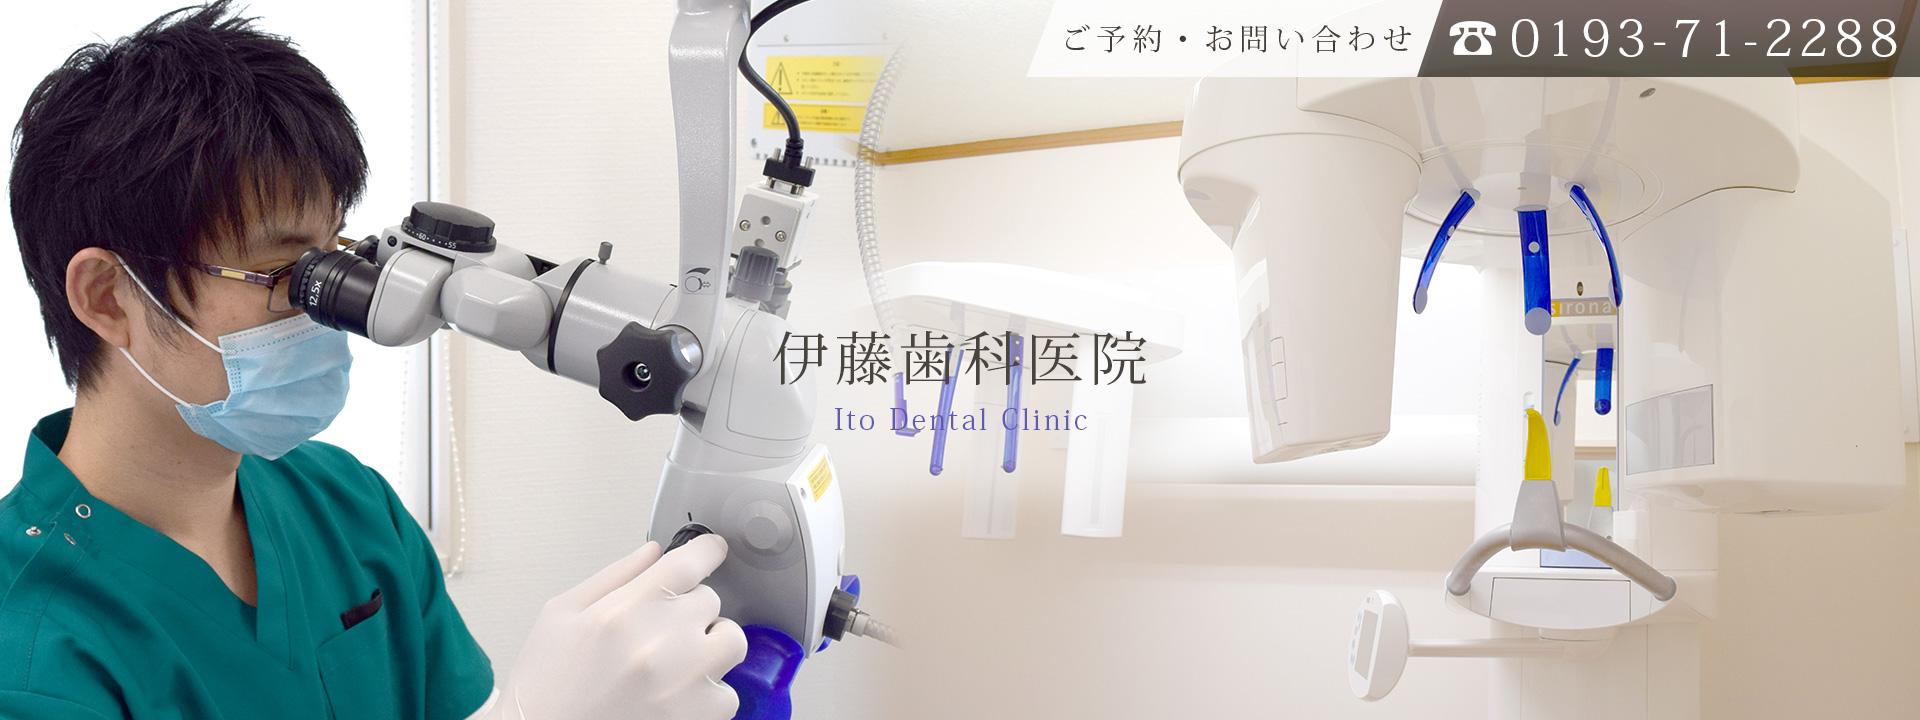 宮古市の歯医者 - 伊藤歯科医院 Ito Dental Clinic